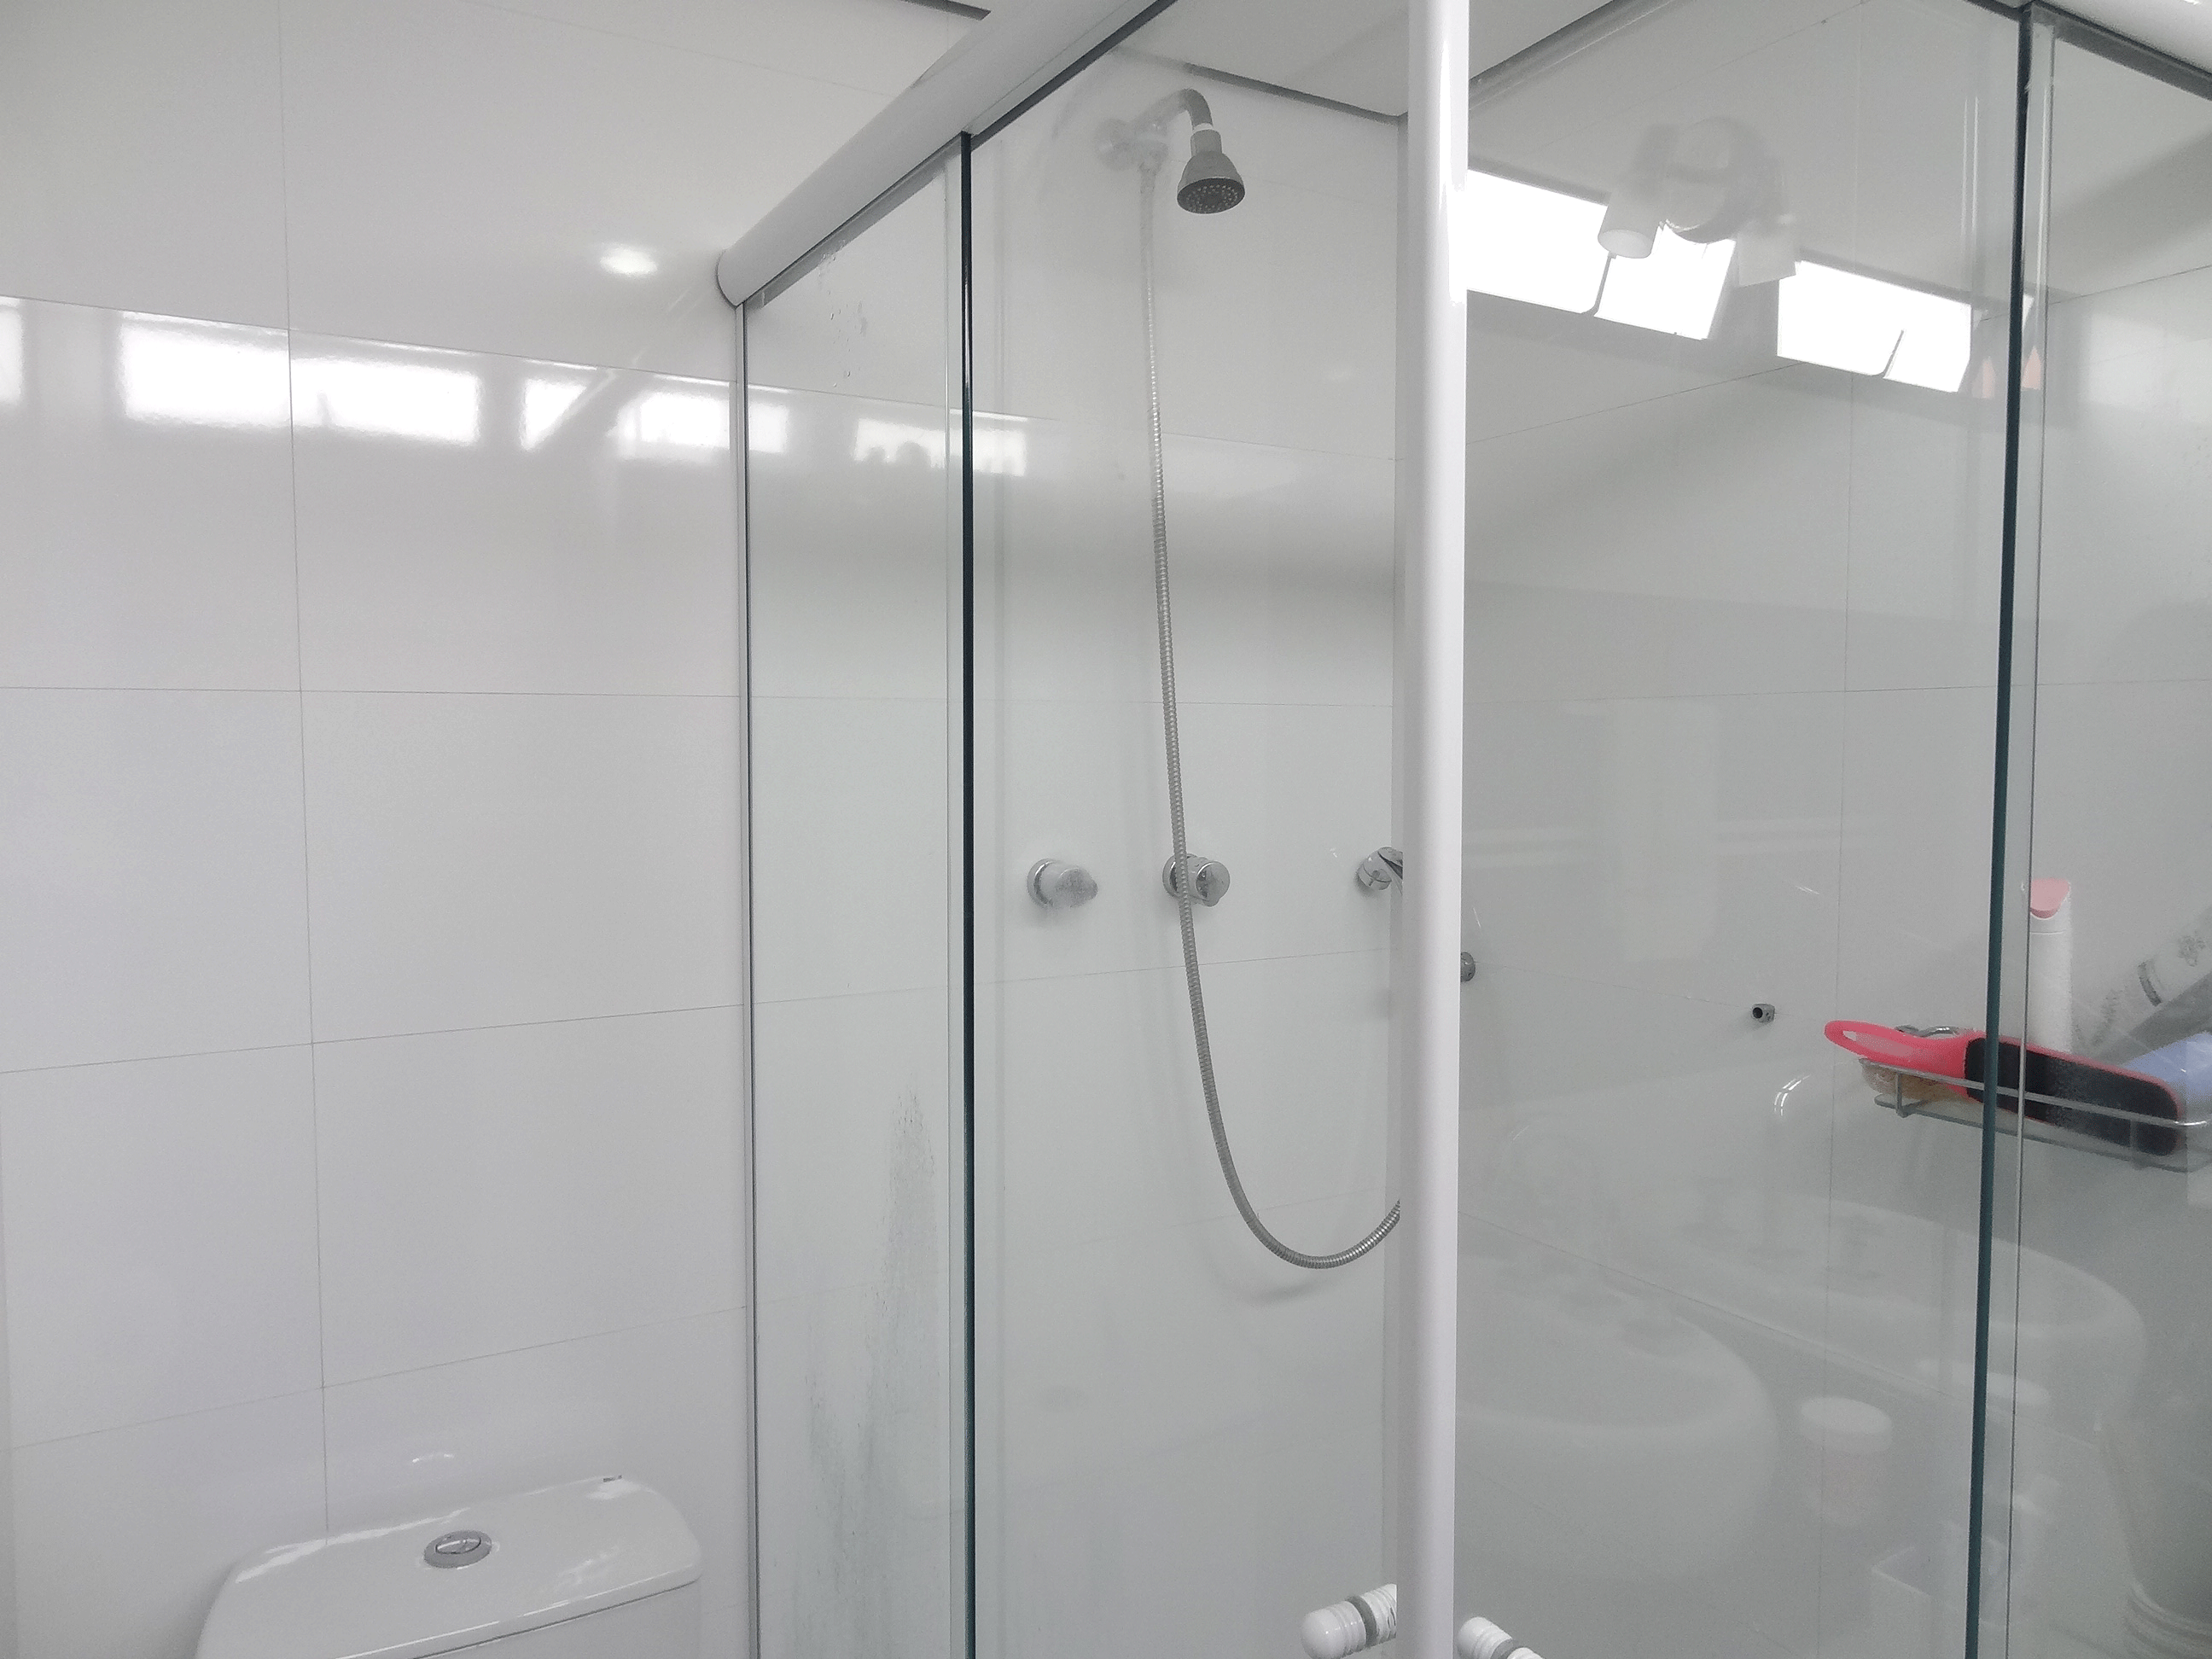 Jabaquara, Apartamento Padrão-Banheiro da suíte com piso de porcelanato, teto rebaixado, iluminação embutida, pia com cuba sobreposta, gabinete e box de vidro.